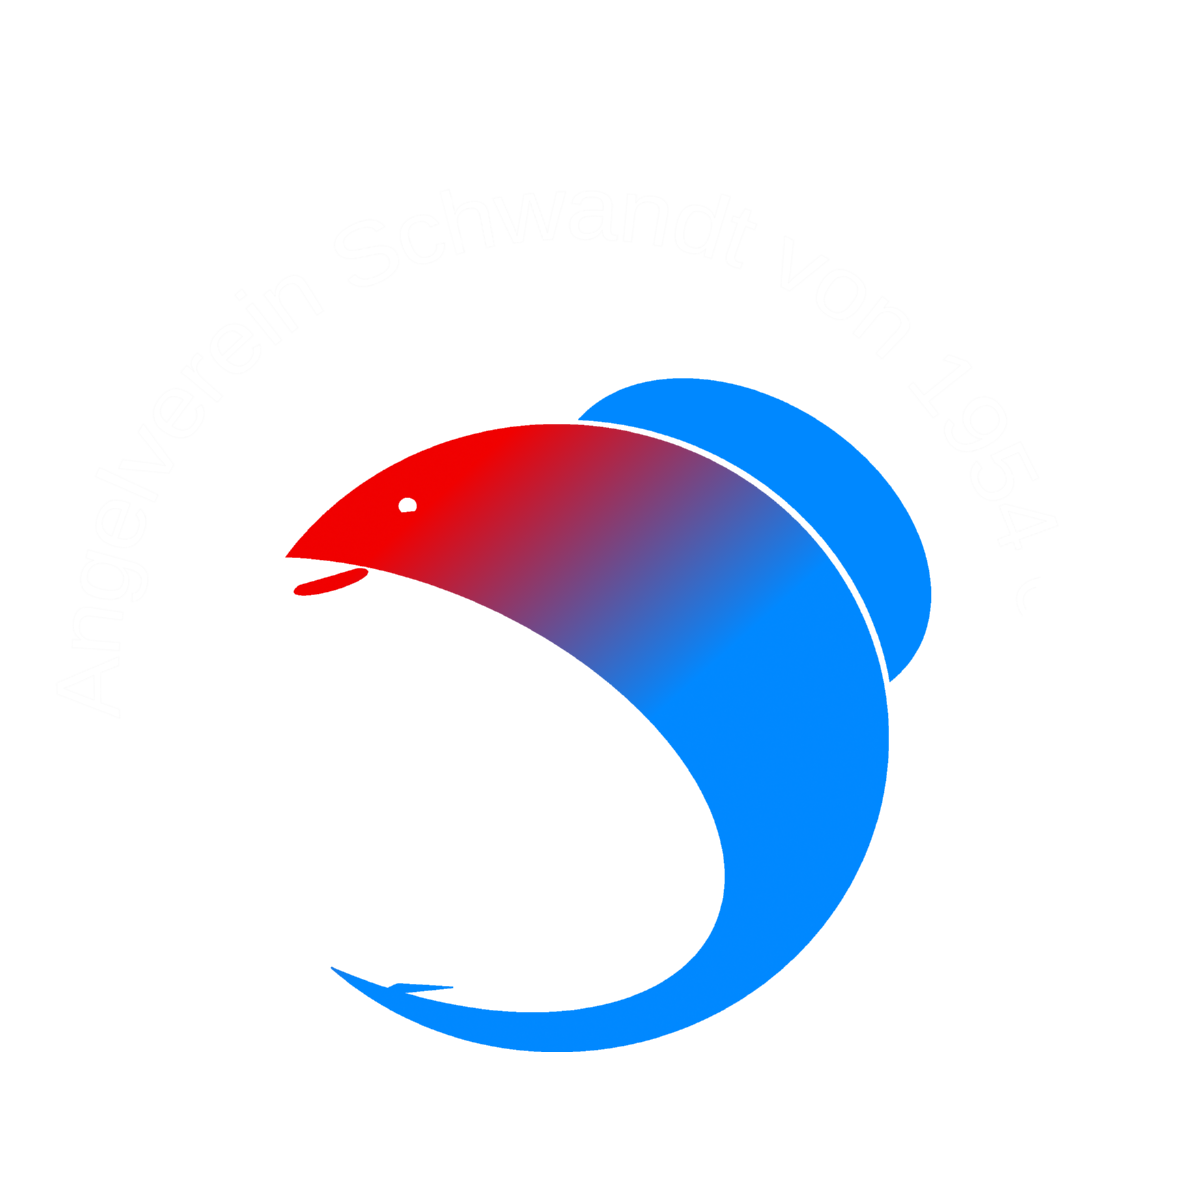 Angelverein Schwandt